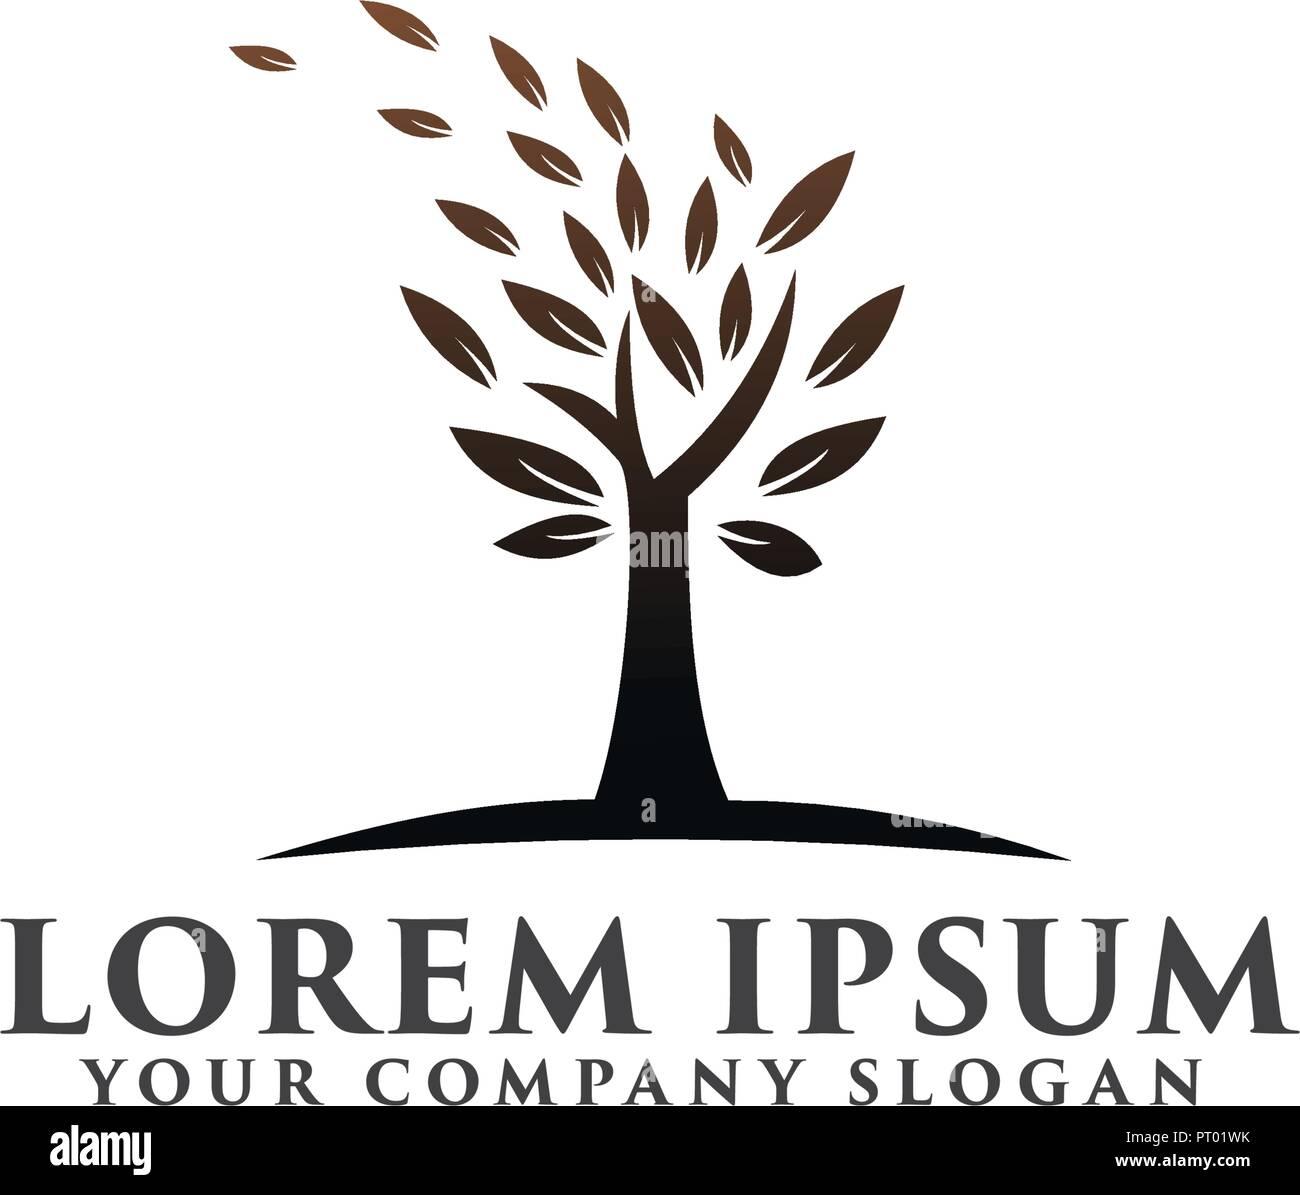 Farming Vector Logo Design Template Imágenes De Stock & Farming ...